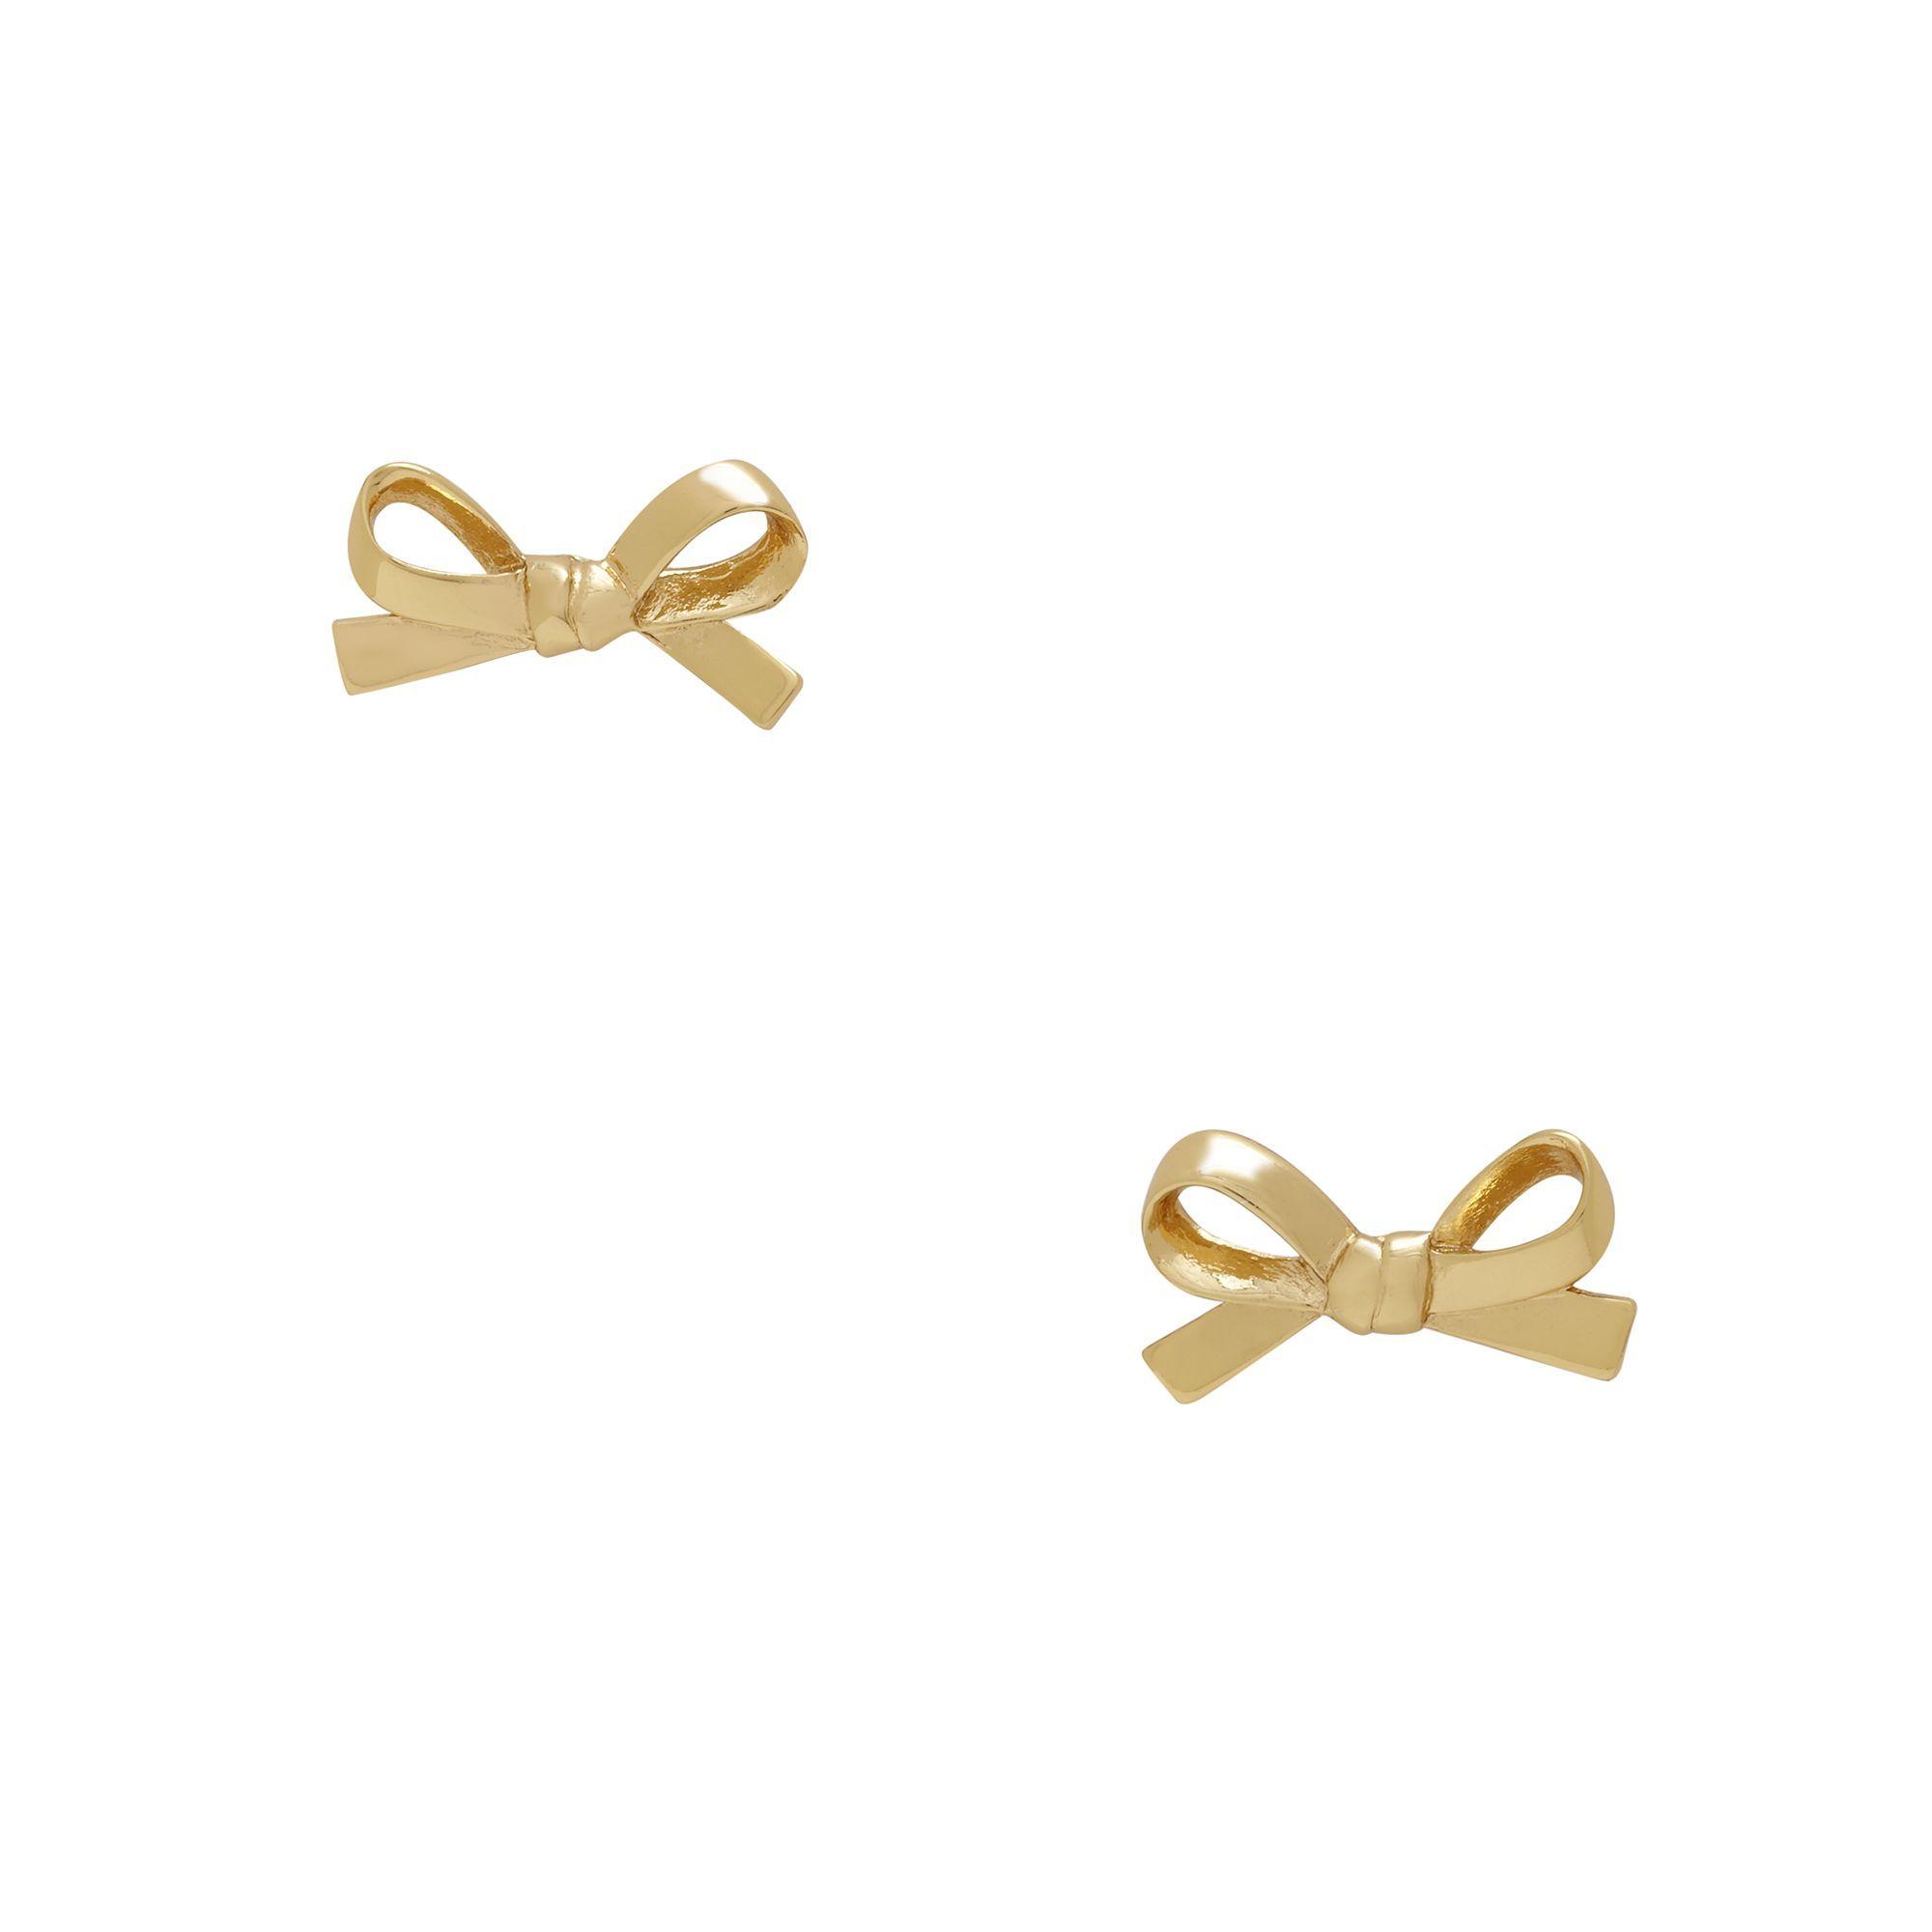 skinnty mini bow earrings / kate spade  Cute!